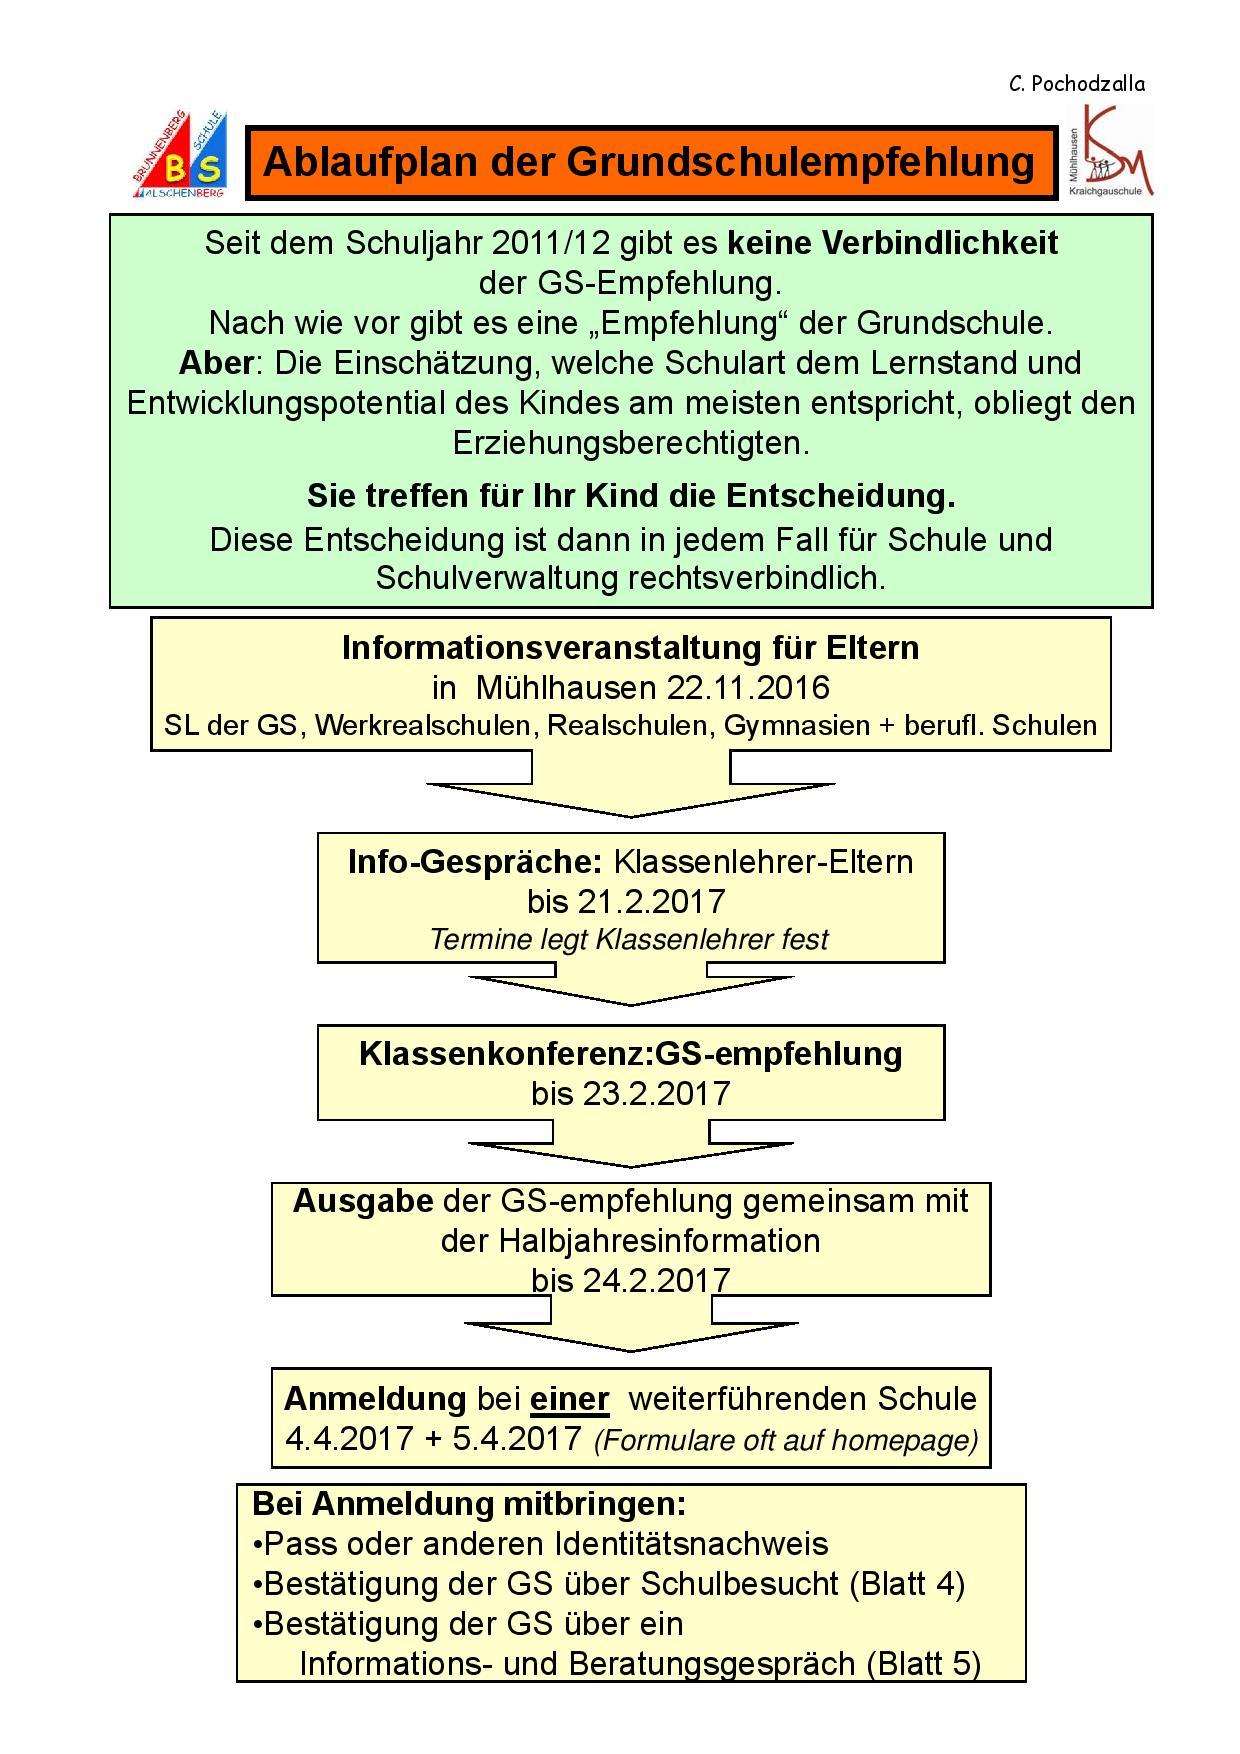 grundschule - kraichgauschule mühlhausen, Einladung